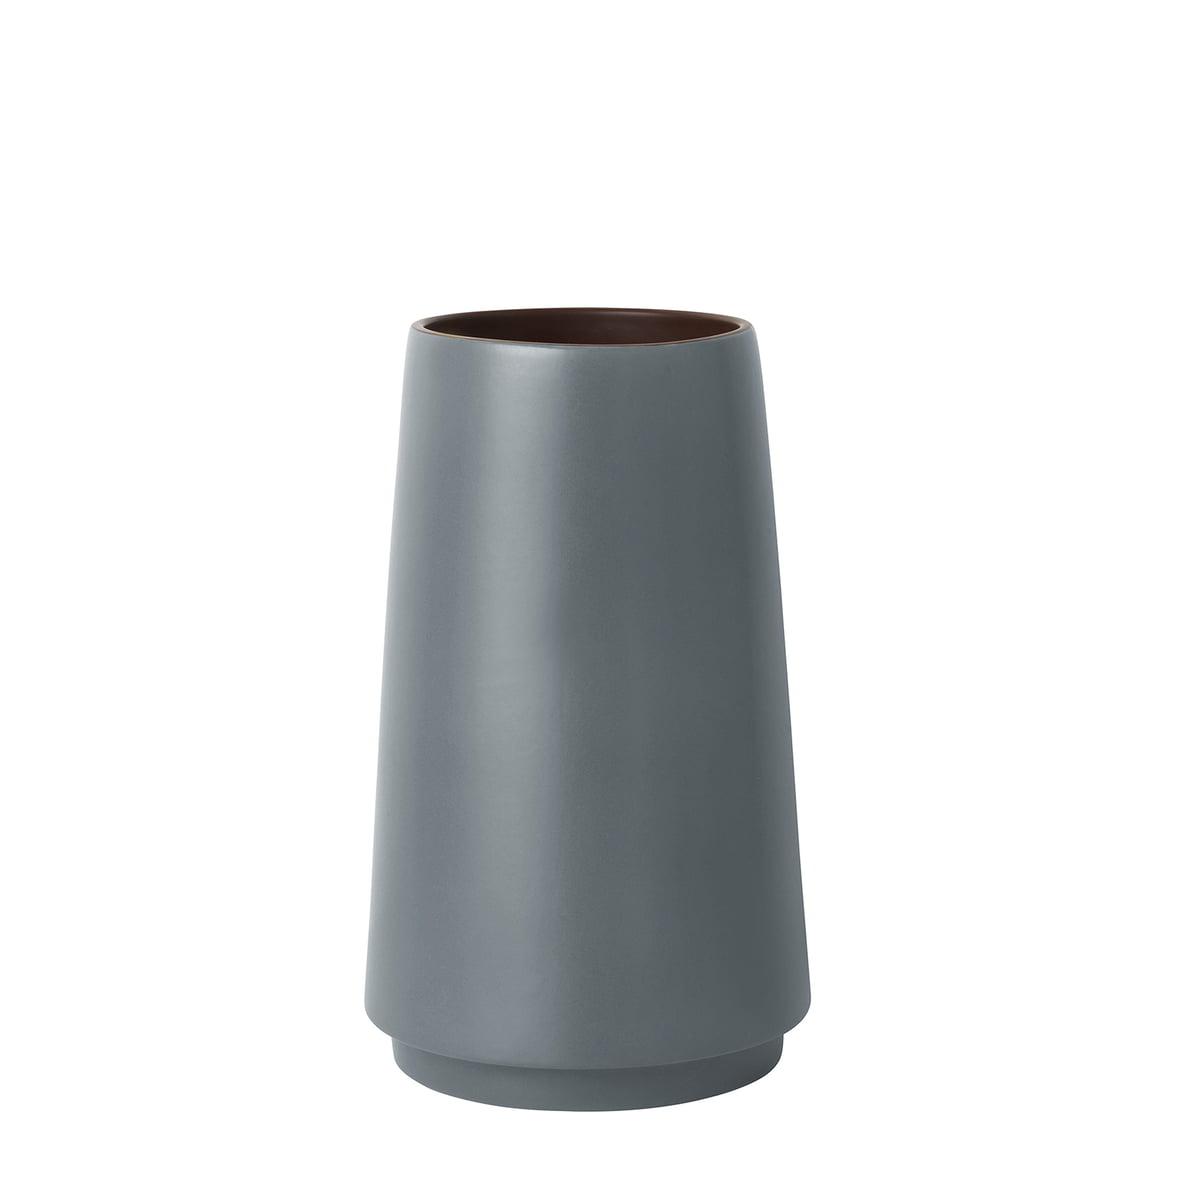 Dual floor vase by ferm living connox shop for Ferm living vase